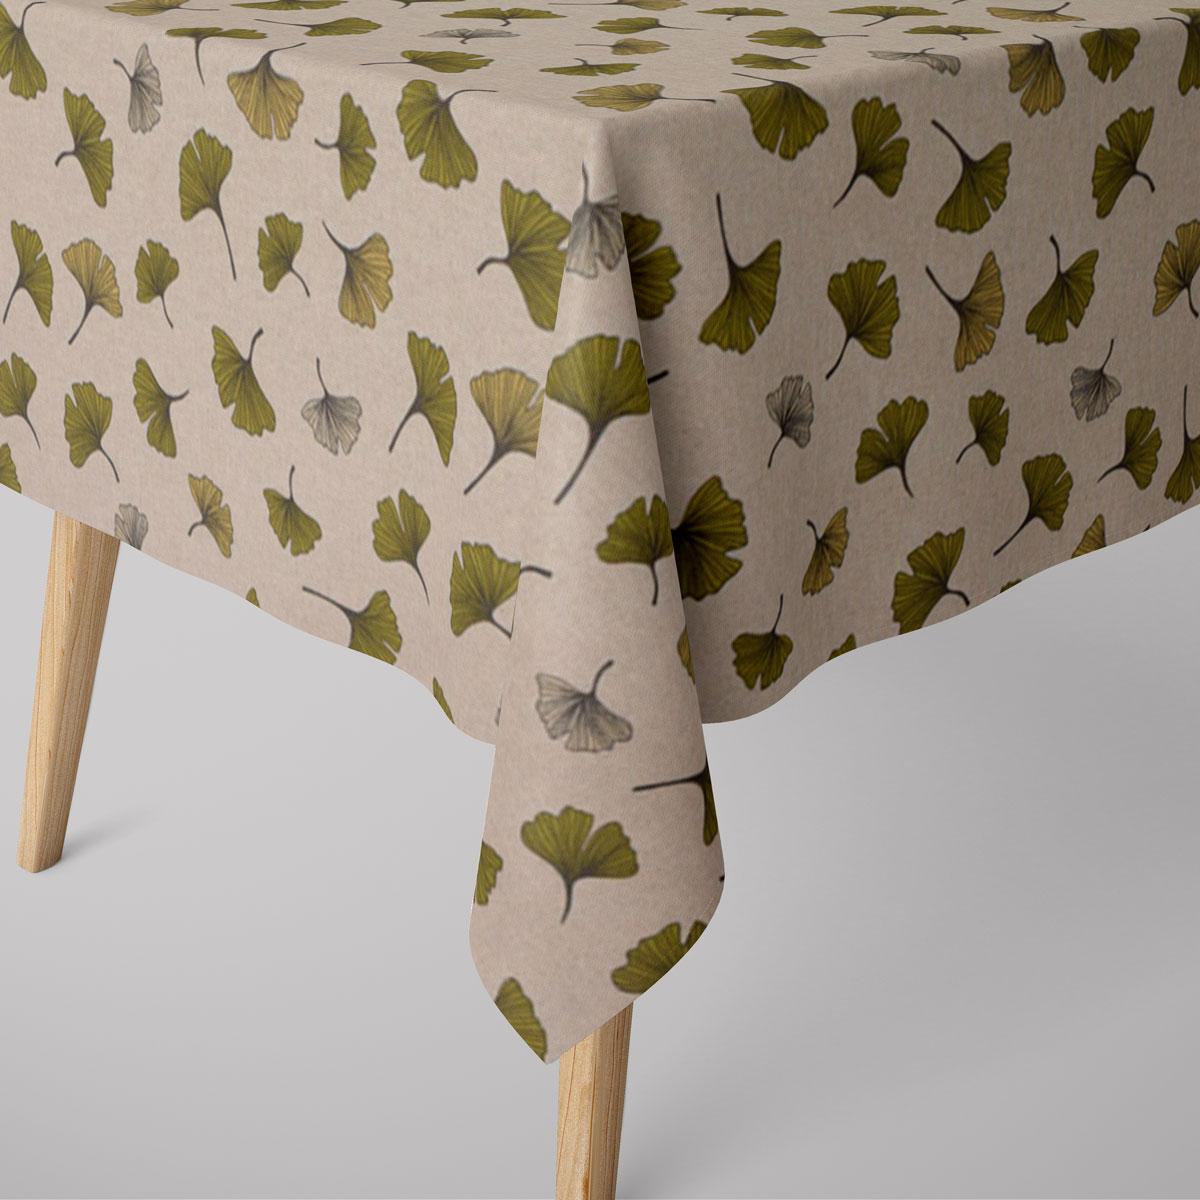 SCHÖNER LEBEN. Tischdecke Leinenlook Ginko Leaf Ginkgo Blatt natur grün verschiedene Größen